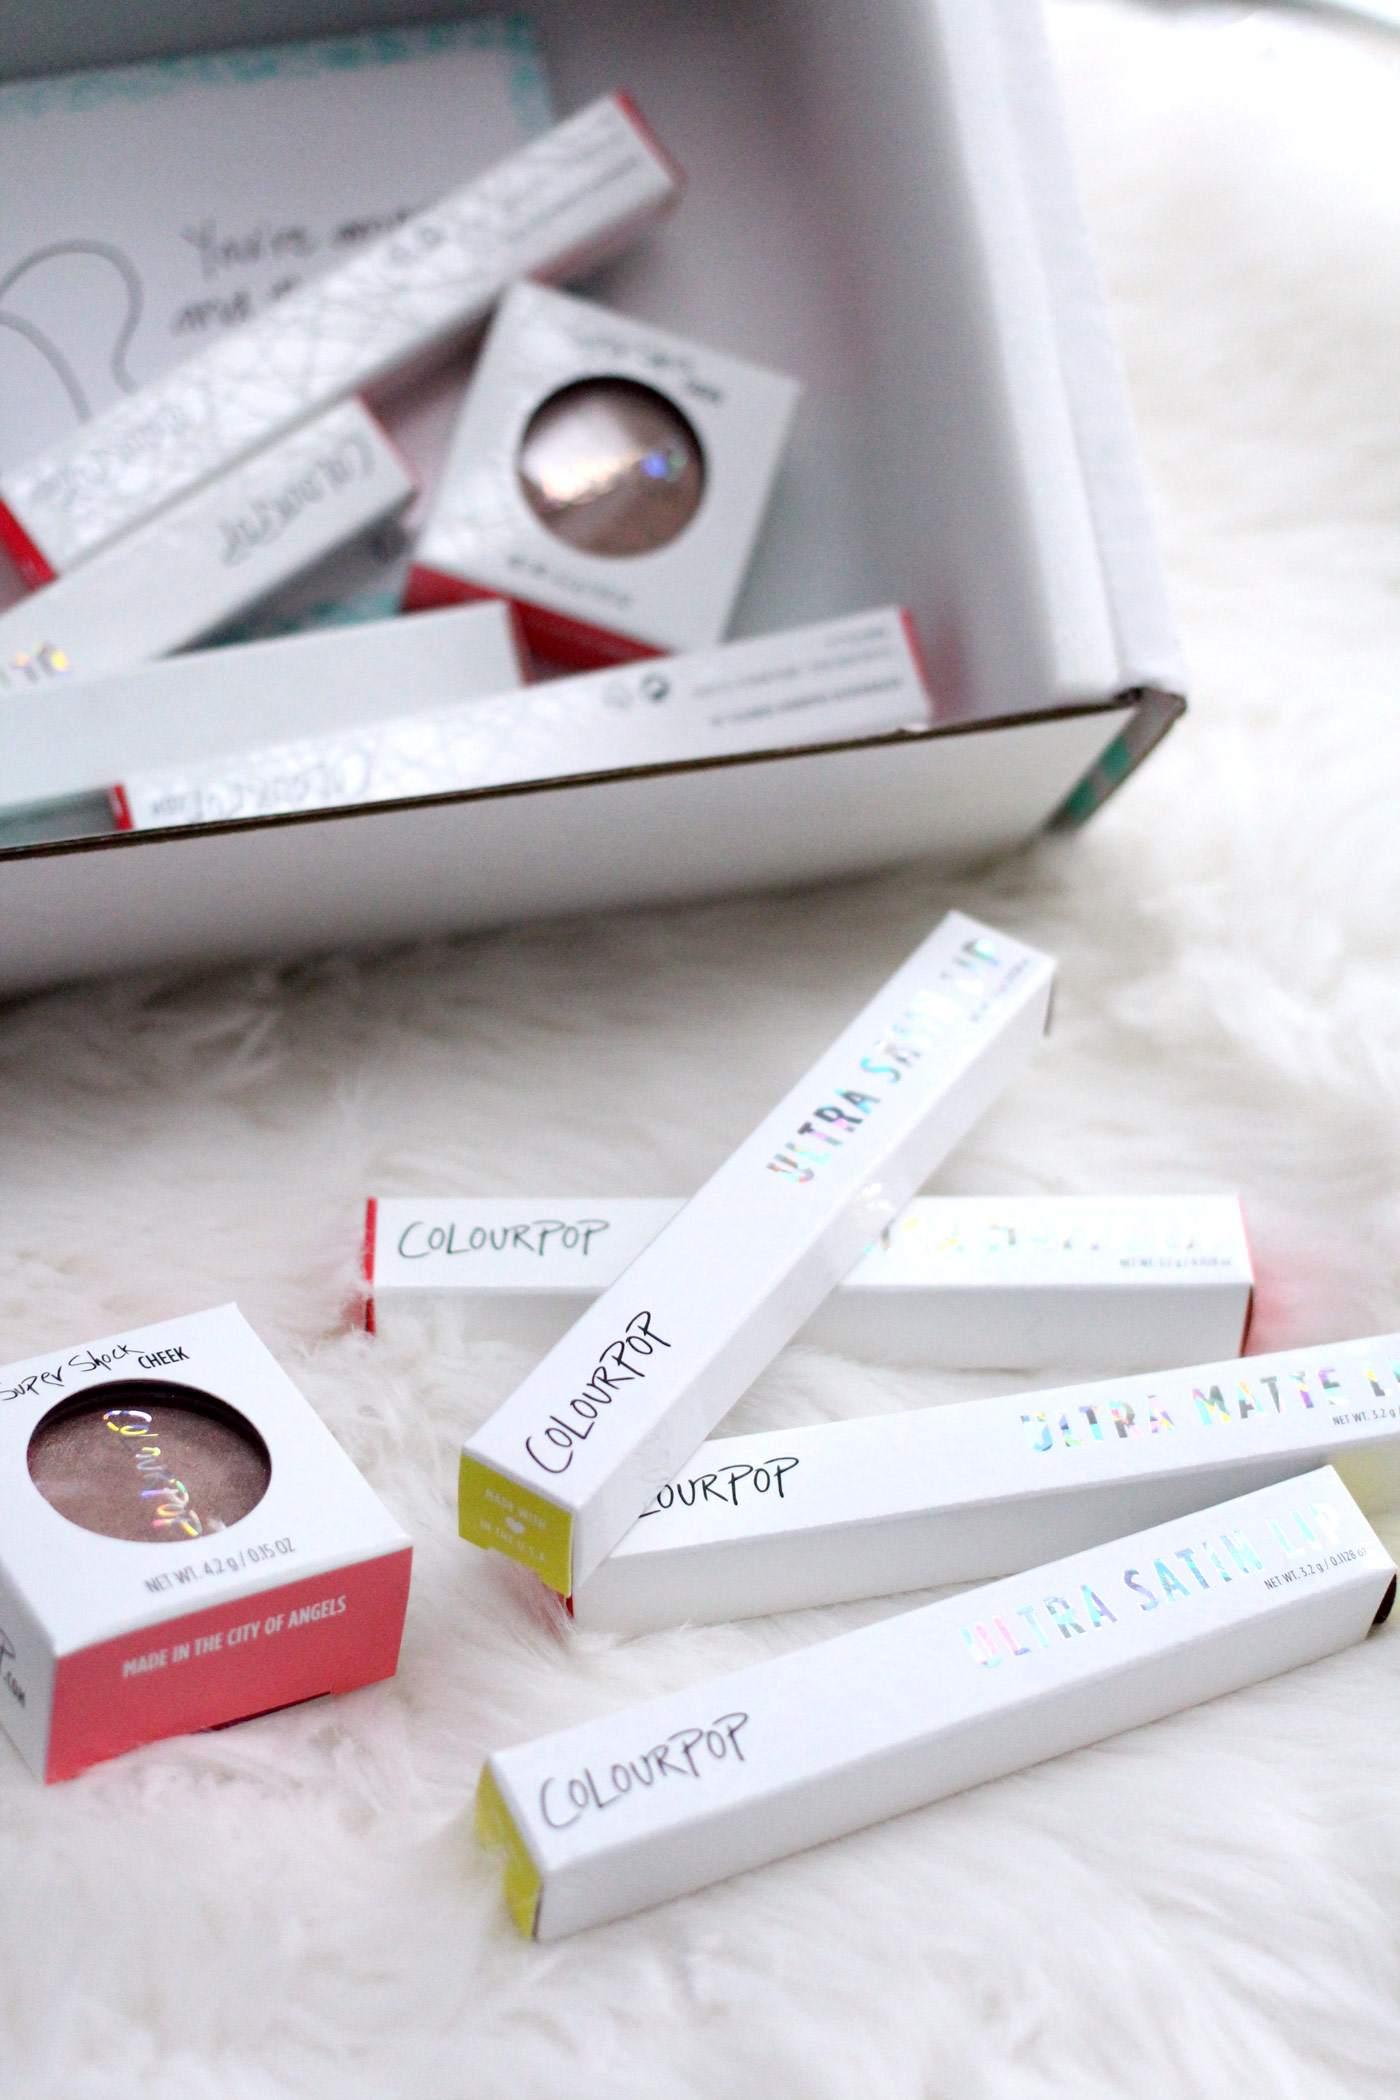 colourpop-satin-matte-liquid-lipsticks-highlighter-review